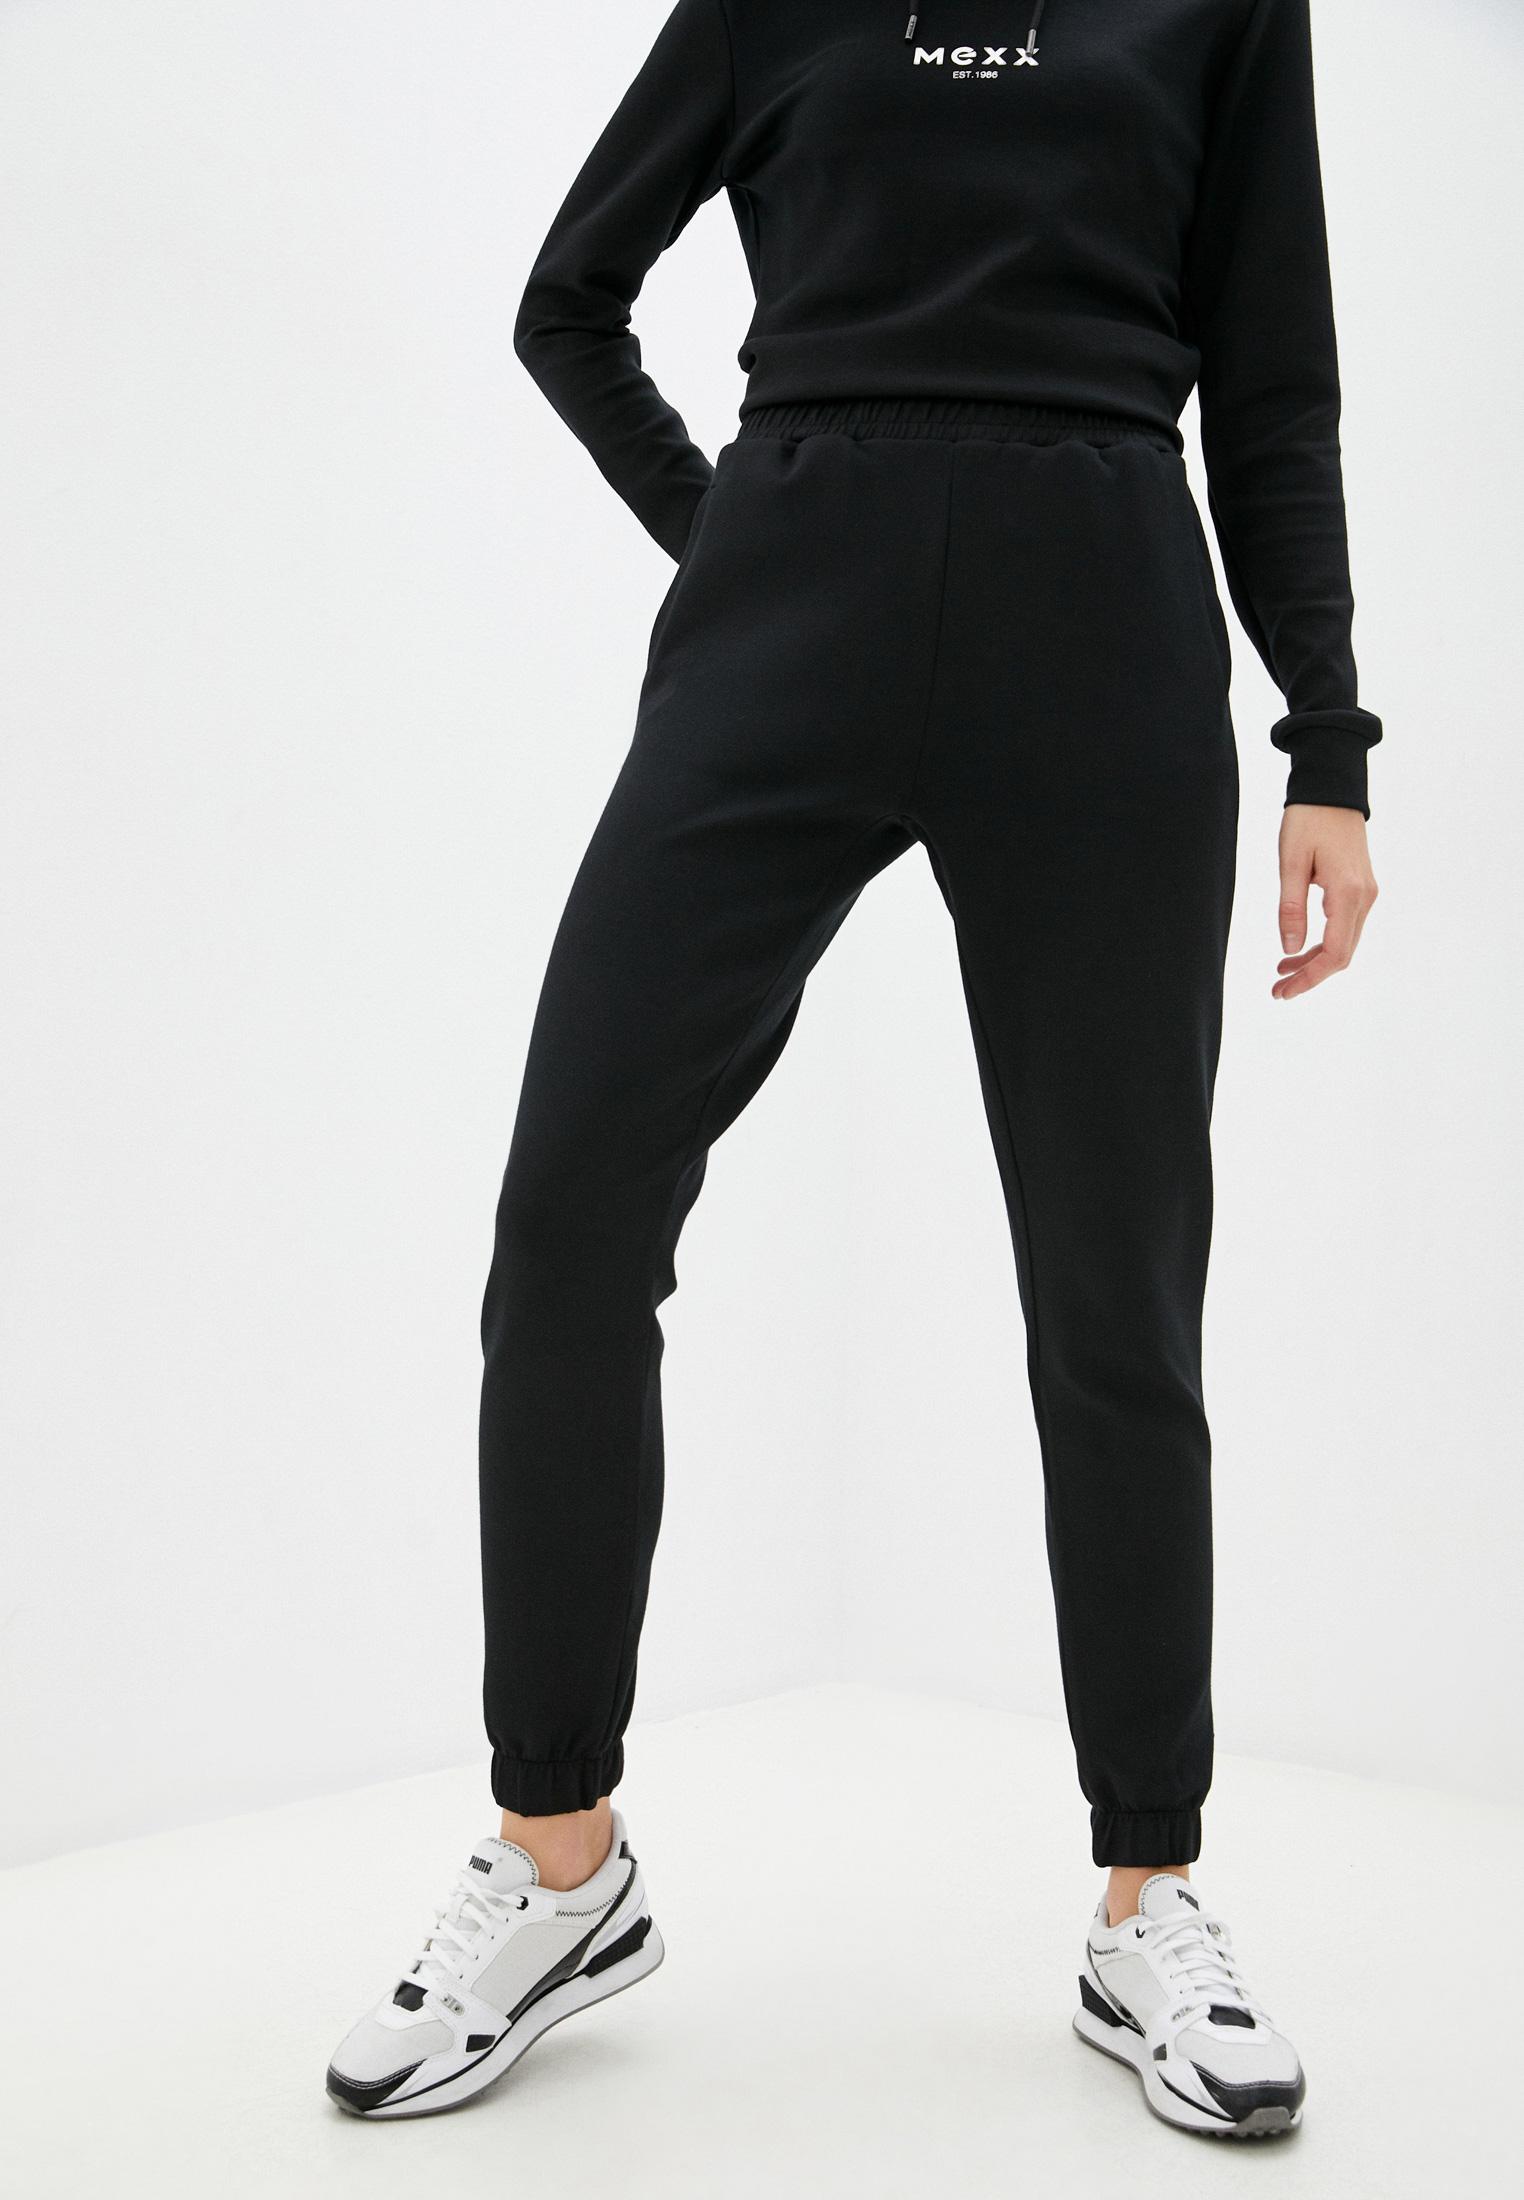 Женские спортивные брюки Mexx (Мекс) Брюки спортивные Mexx